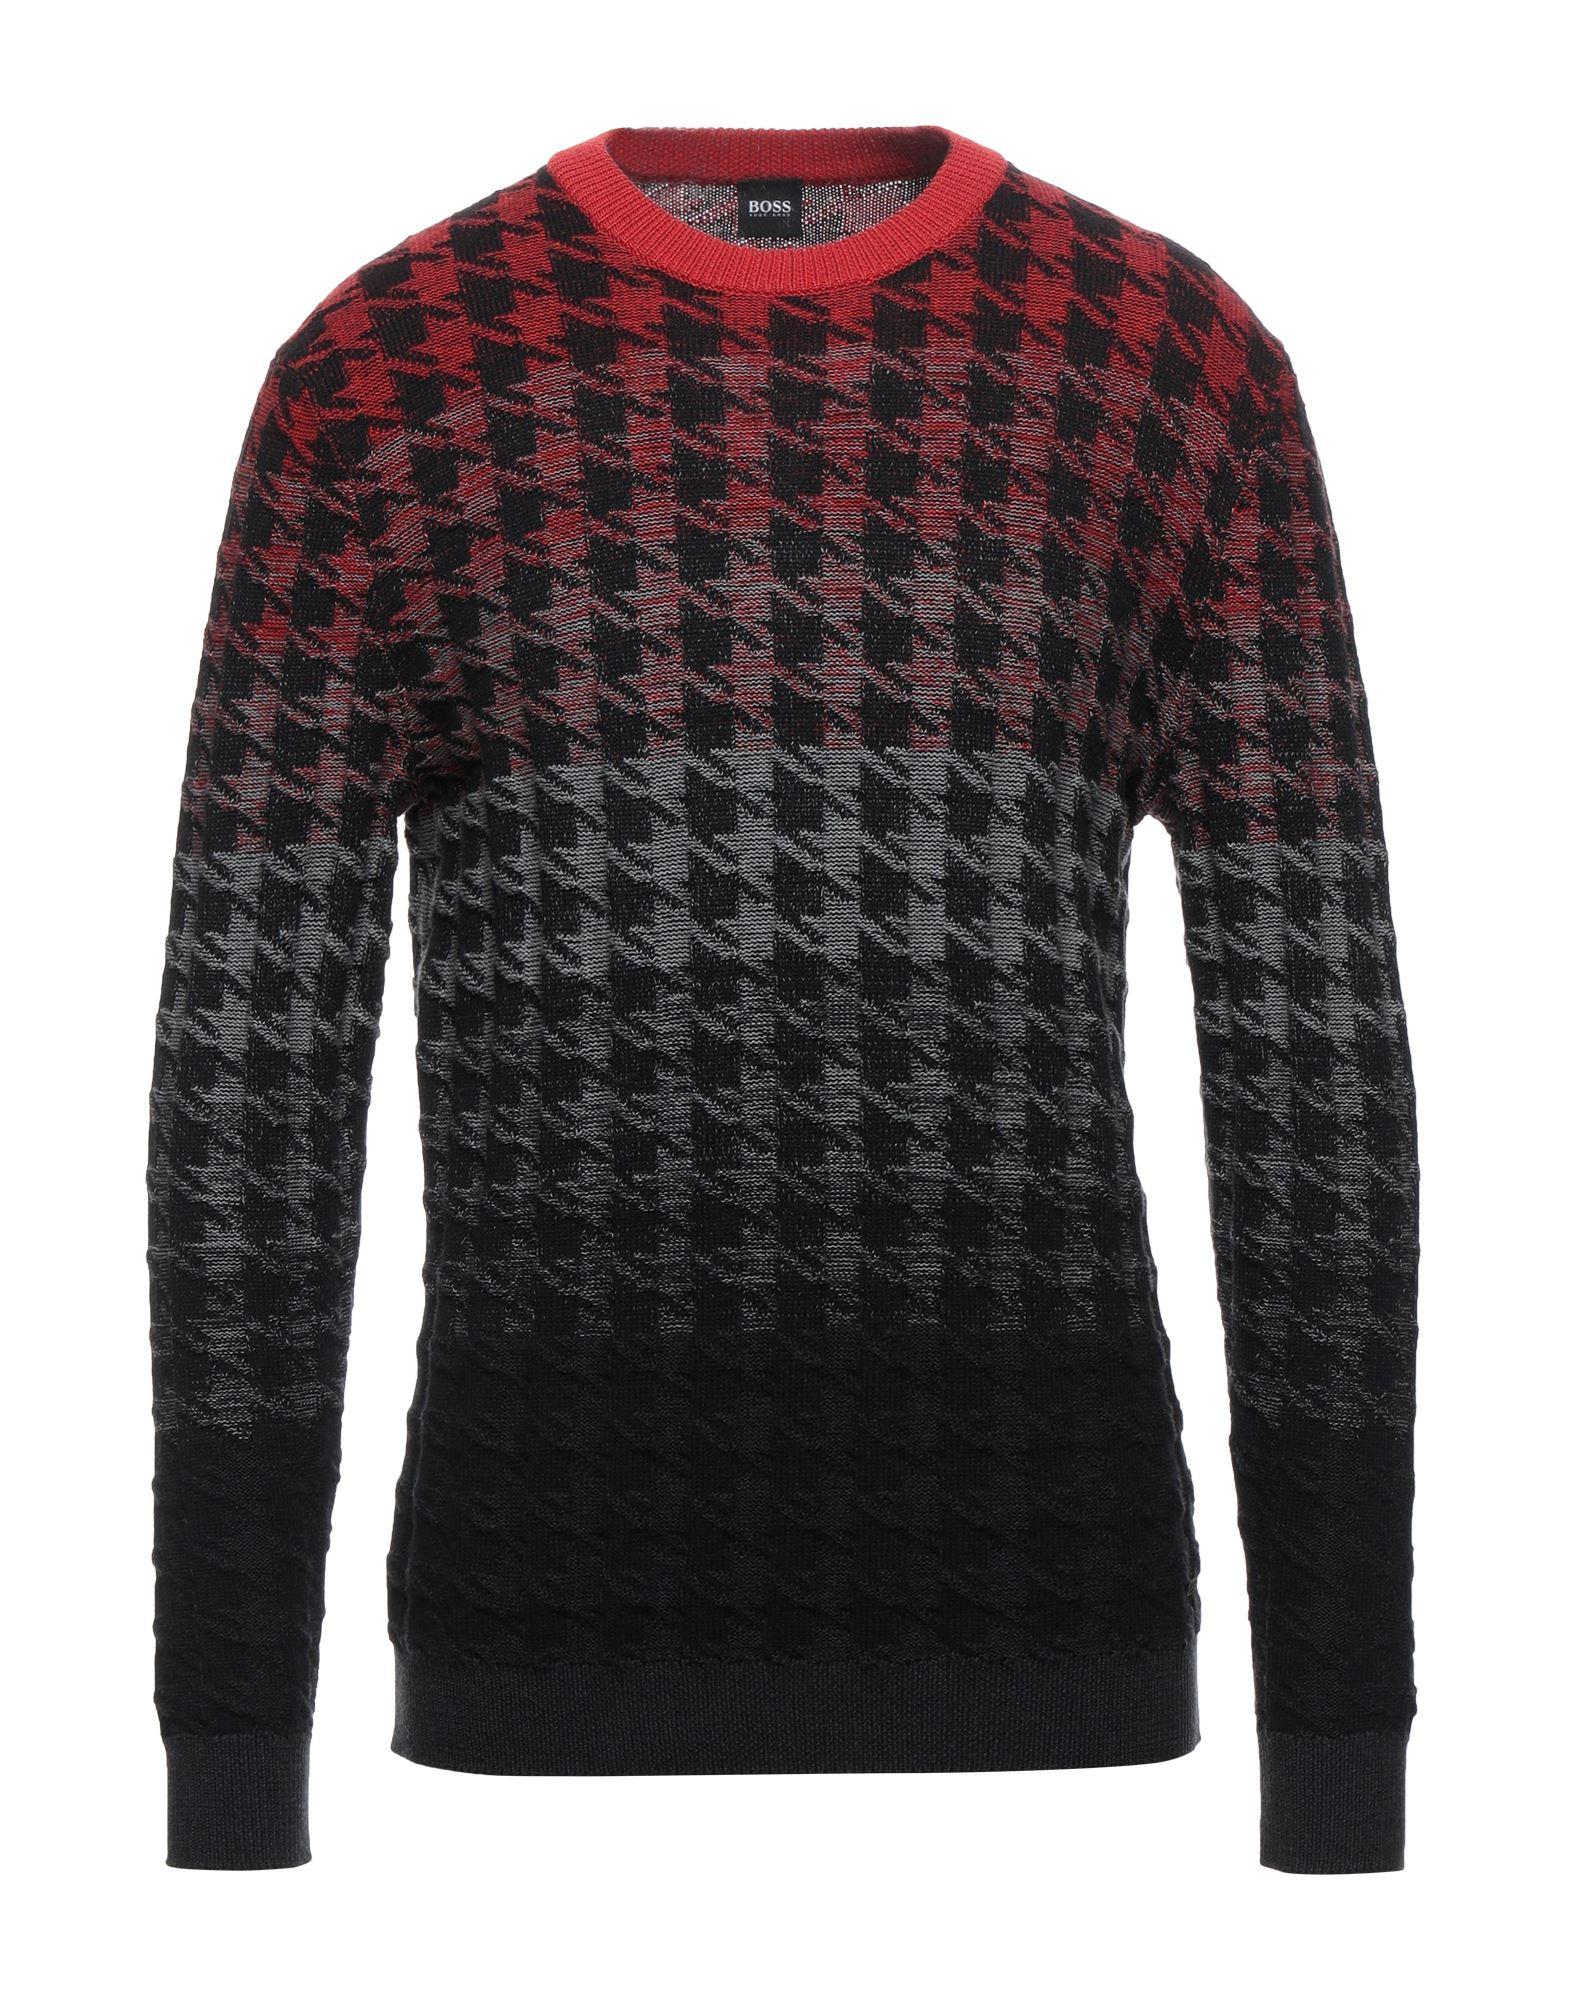 BOSS HUGO BOSS Sweaters - Item 14120445